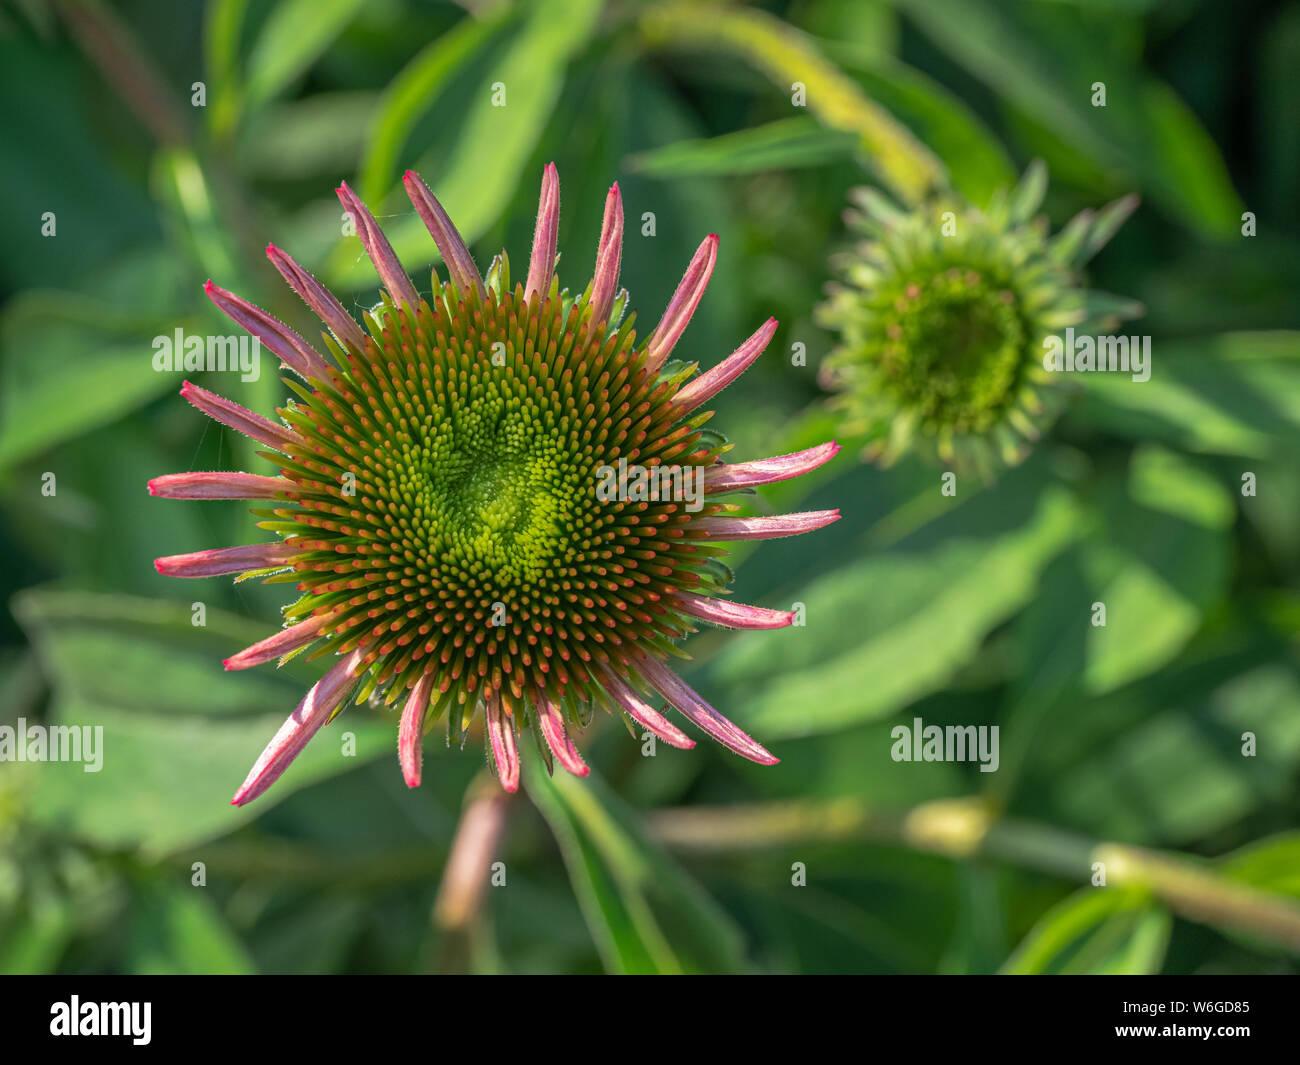 Cerrar mirando una coneflower (Equinácea) flor comienza a abrirse, con suaves- y otro foco deja florecer la apertura en el fondo Foto de stock